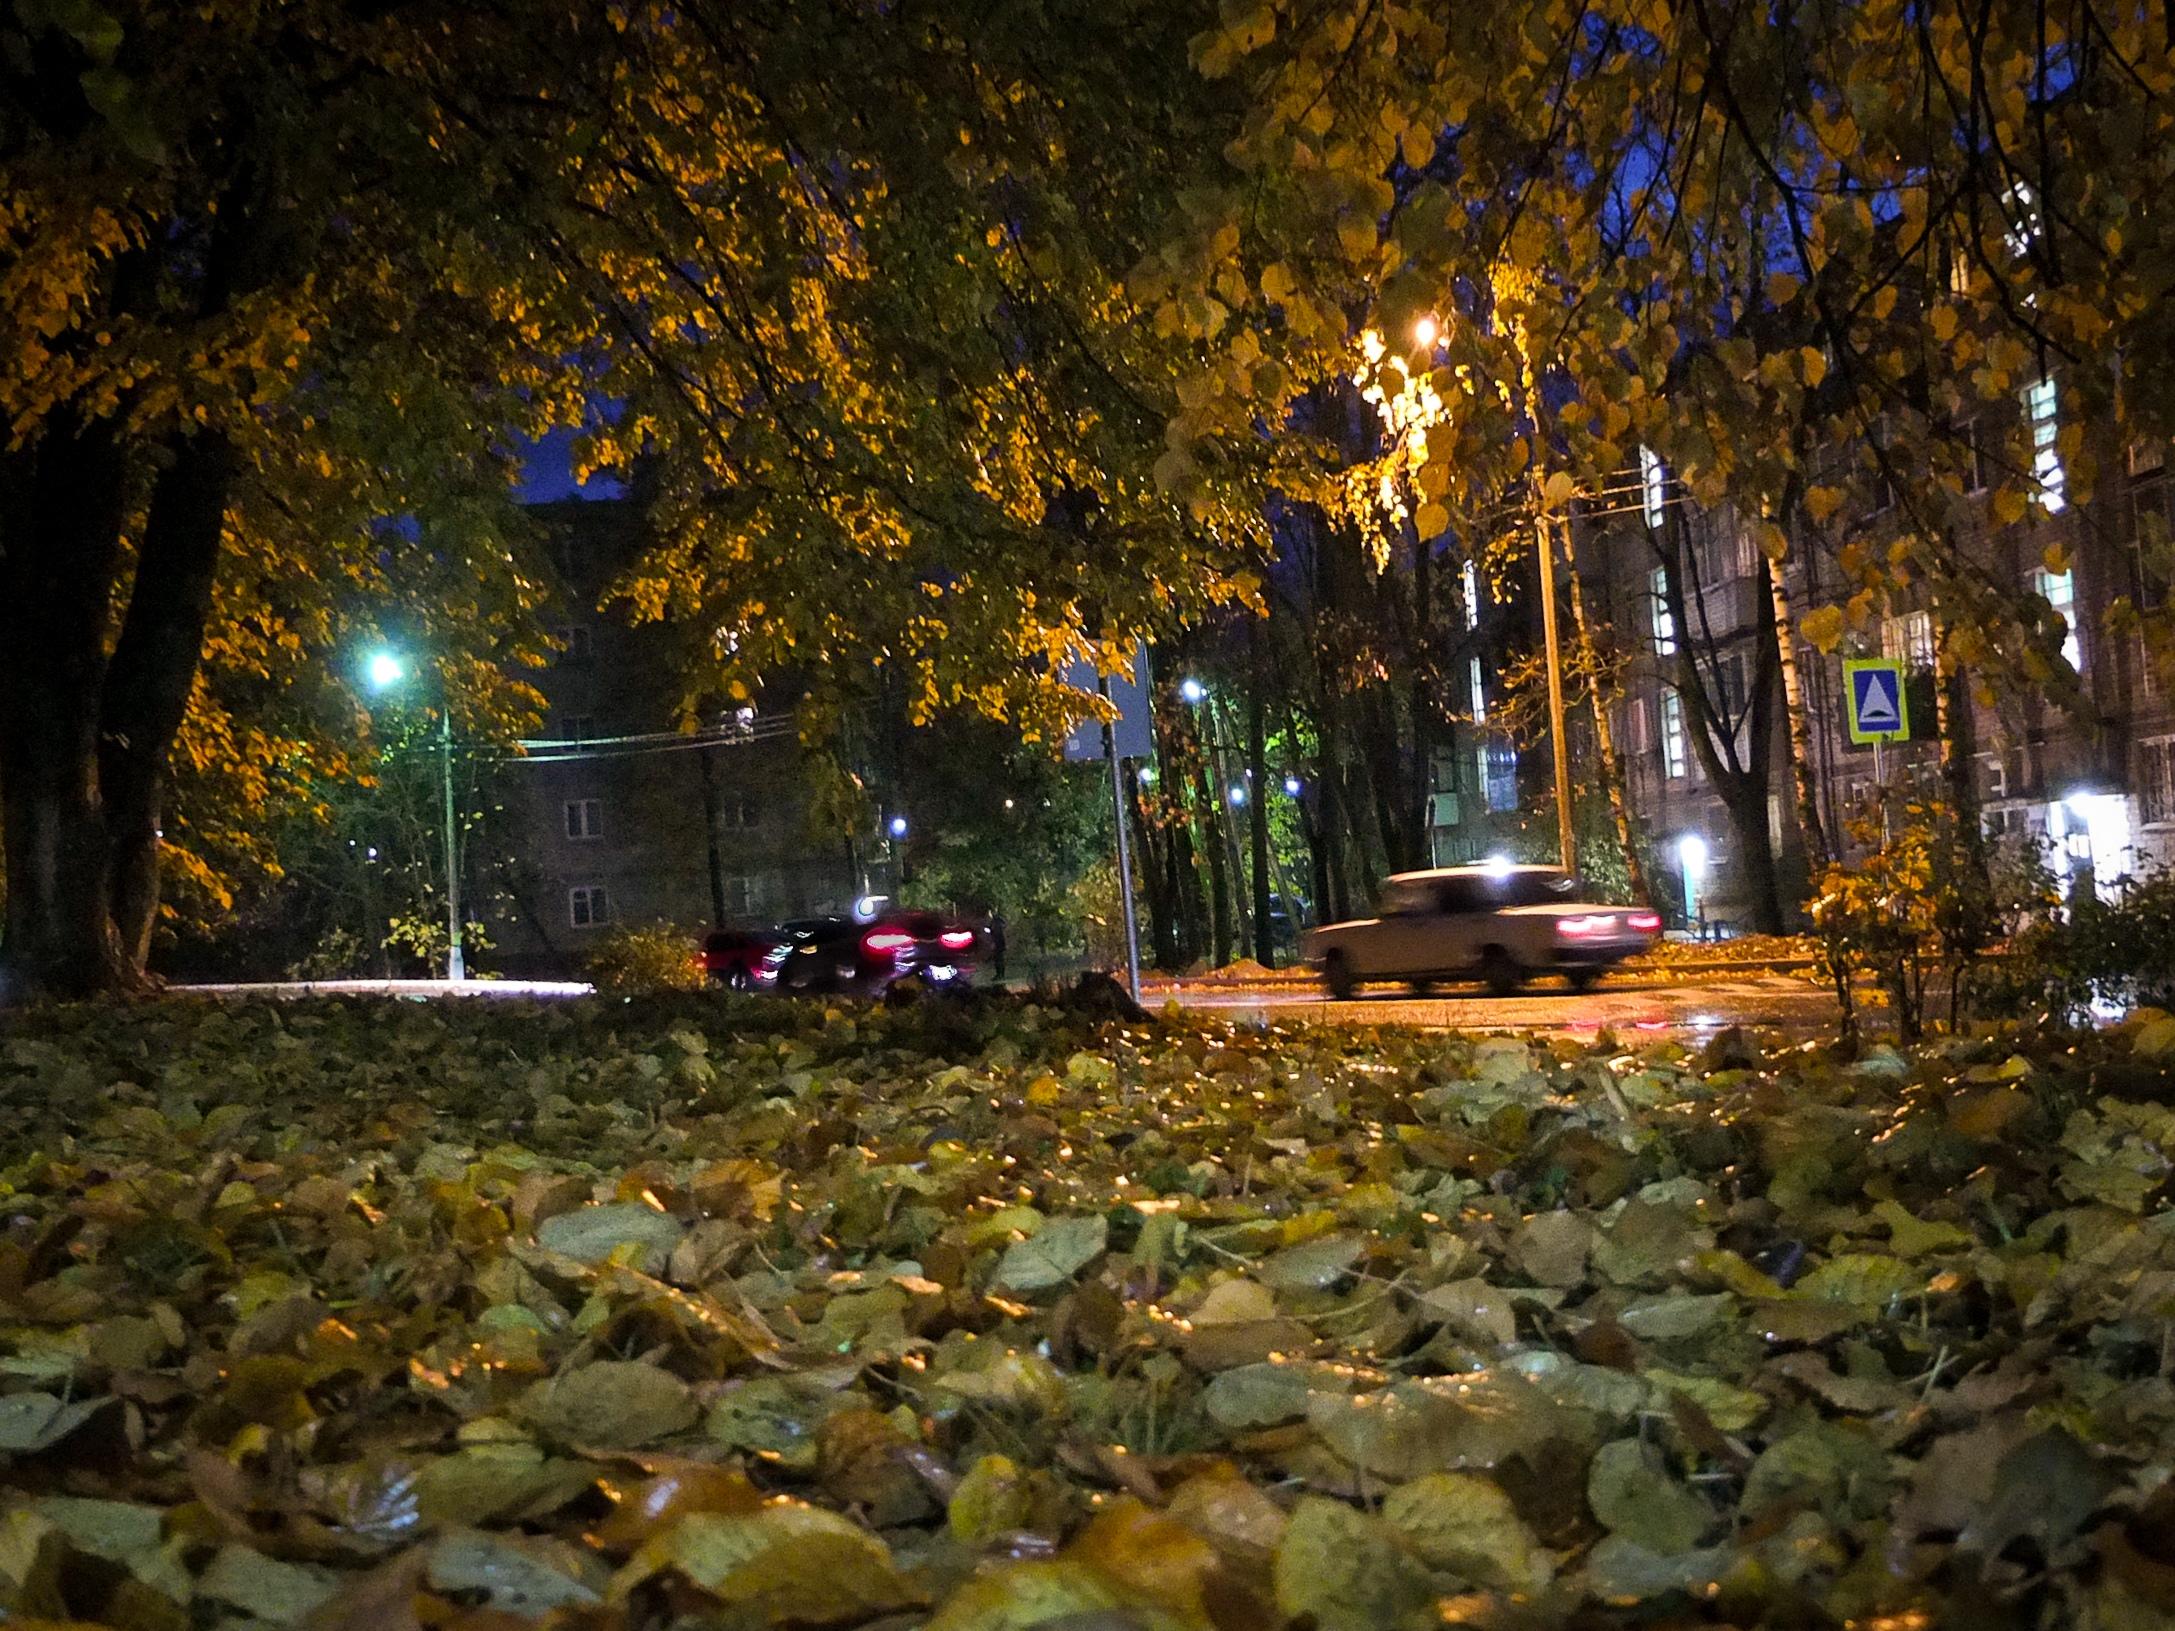 Спокойной ночи, Можайск!  #Можайск #Можайск1231 #Можайскфото #добройночи